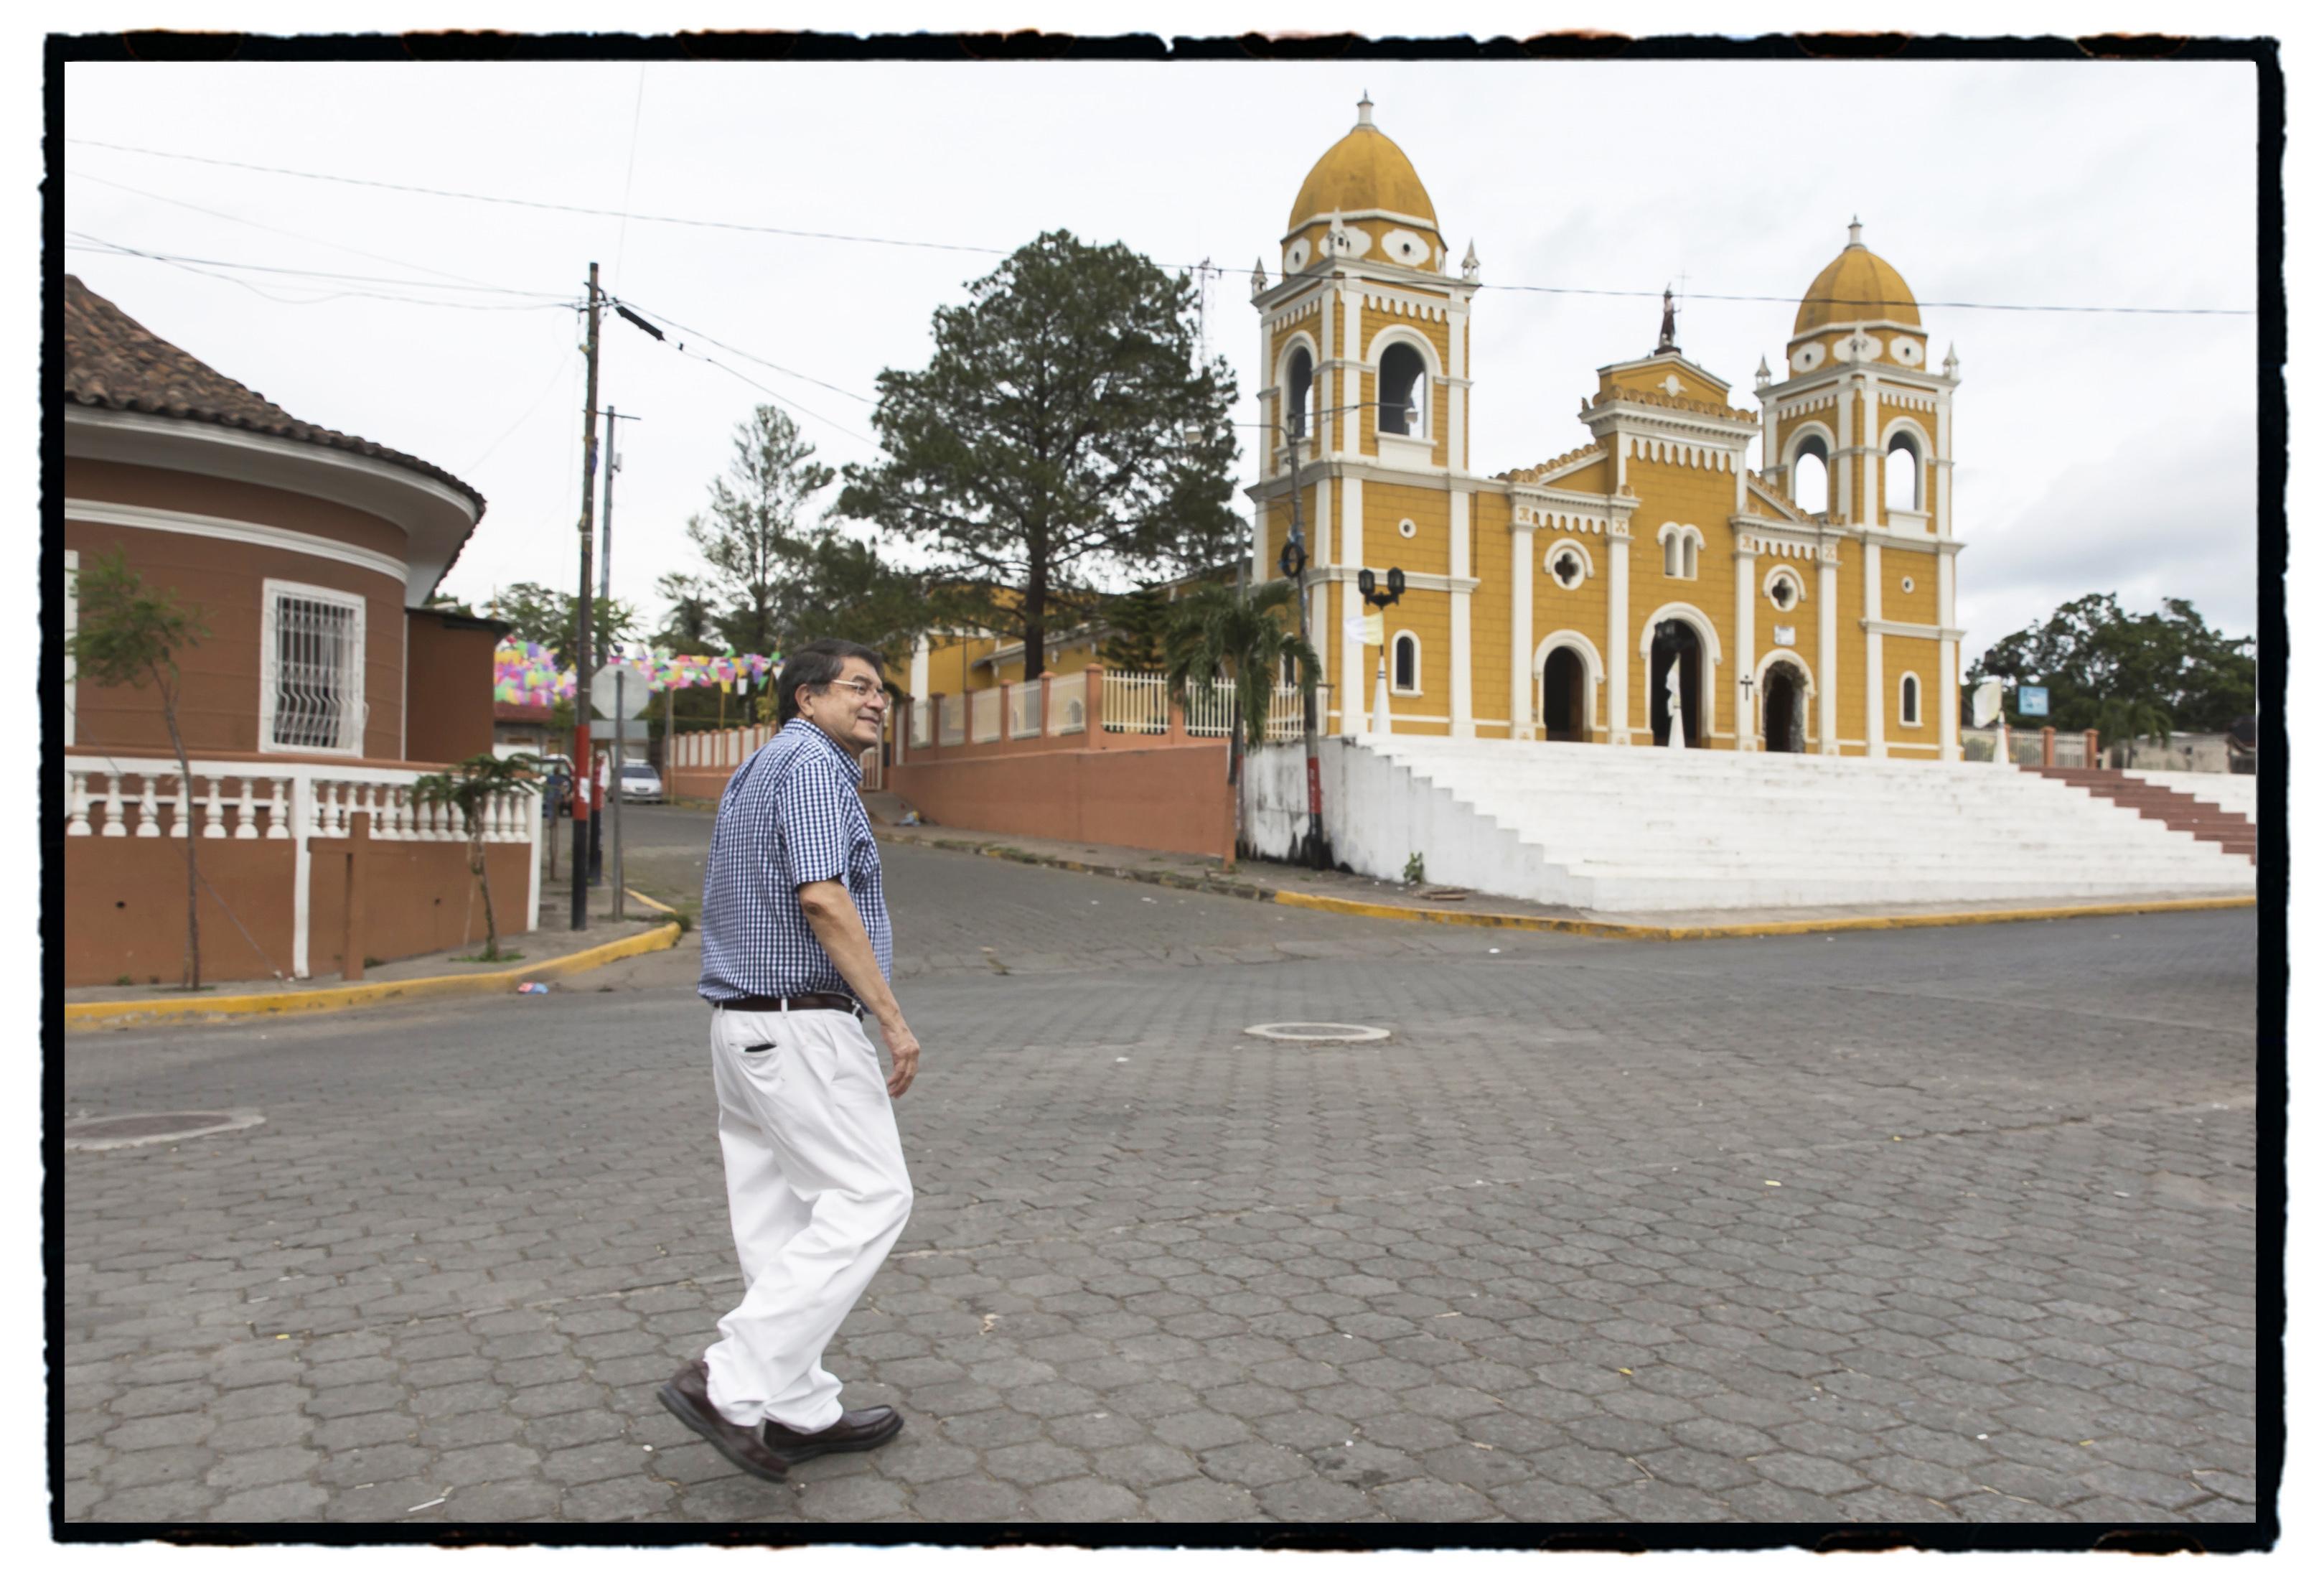 Sergio Ramírez fotografiado por Daniel Mordzinski en el Festival Centroamérica cuenta, 2017.